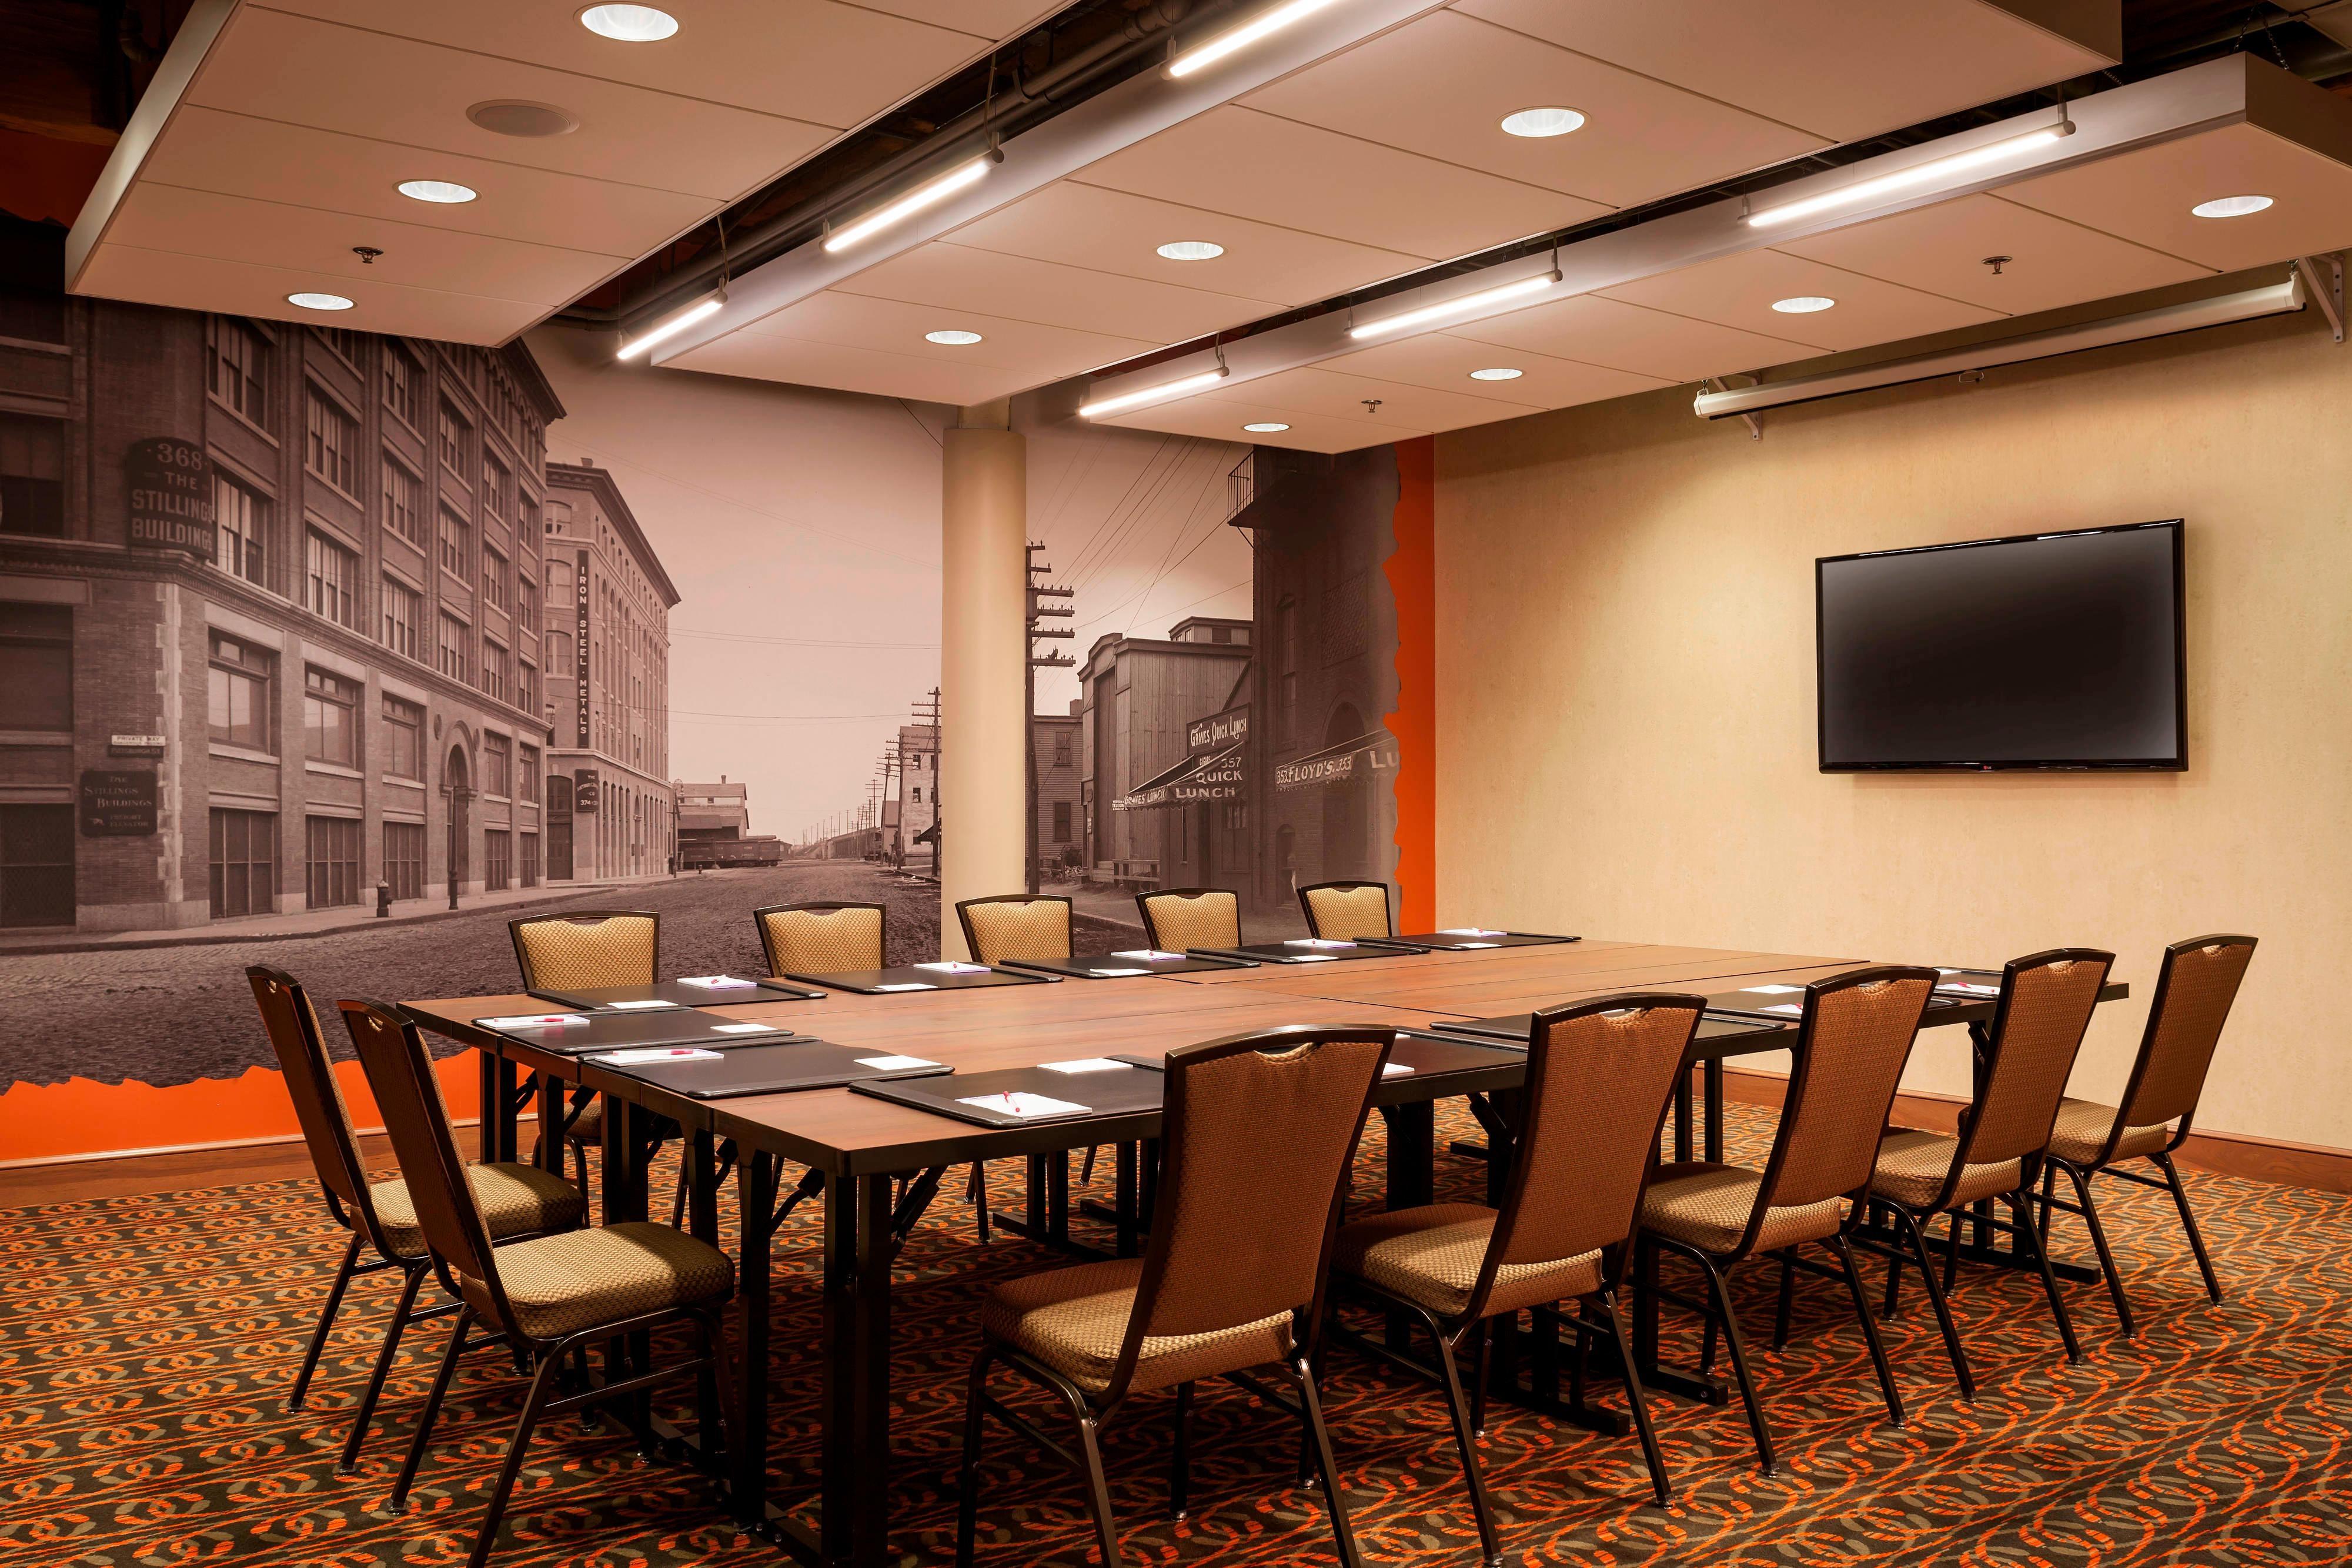 Salle de conseil pouvant accueillir 25 à 30personnes